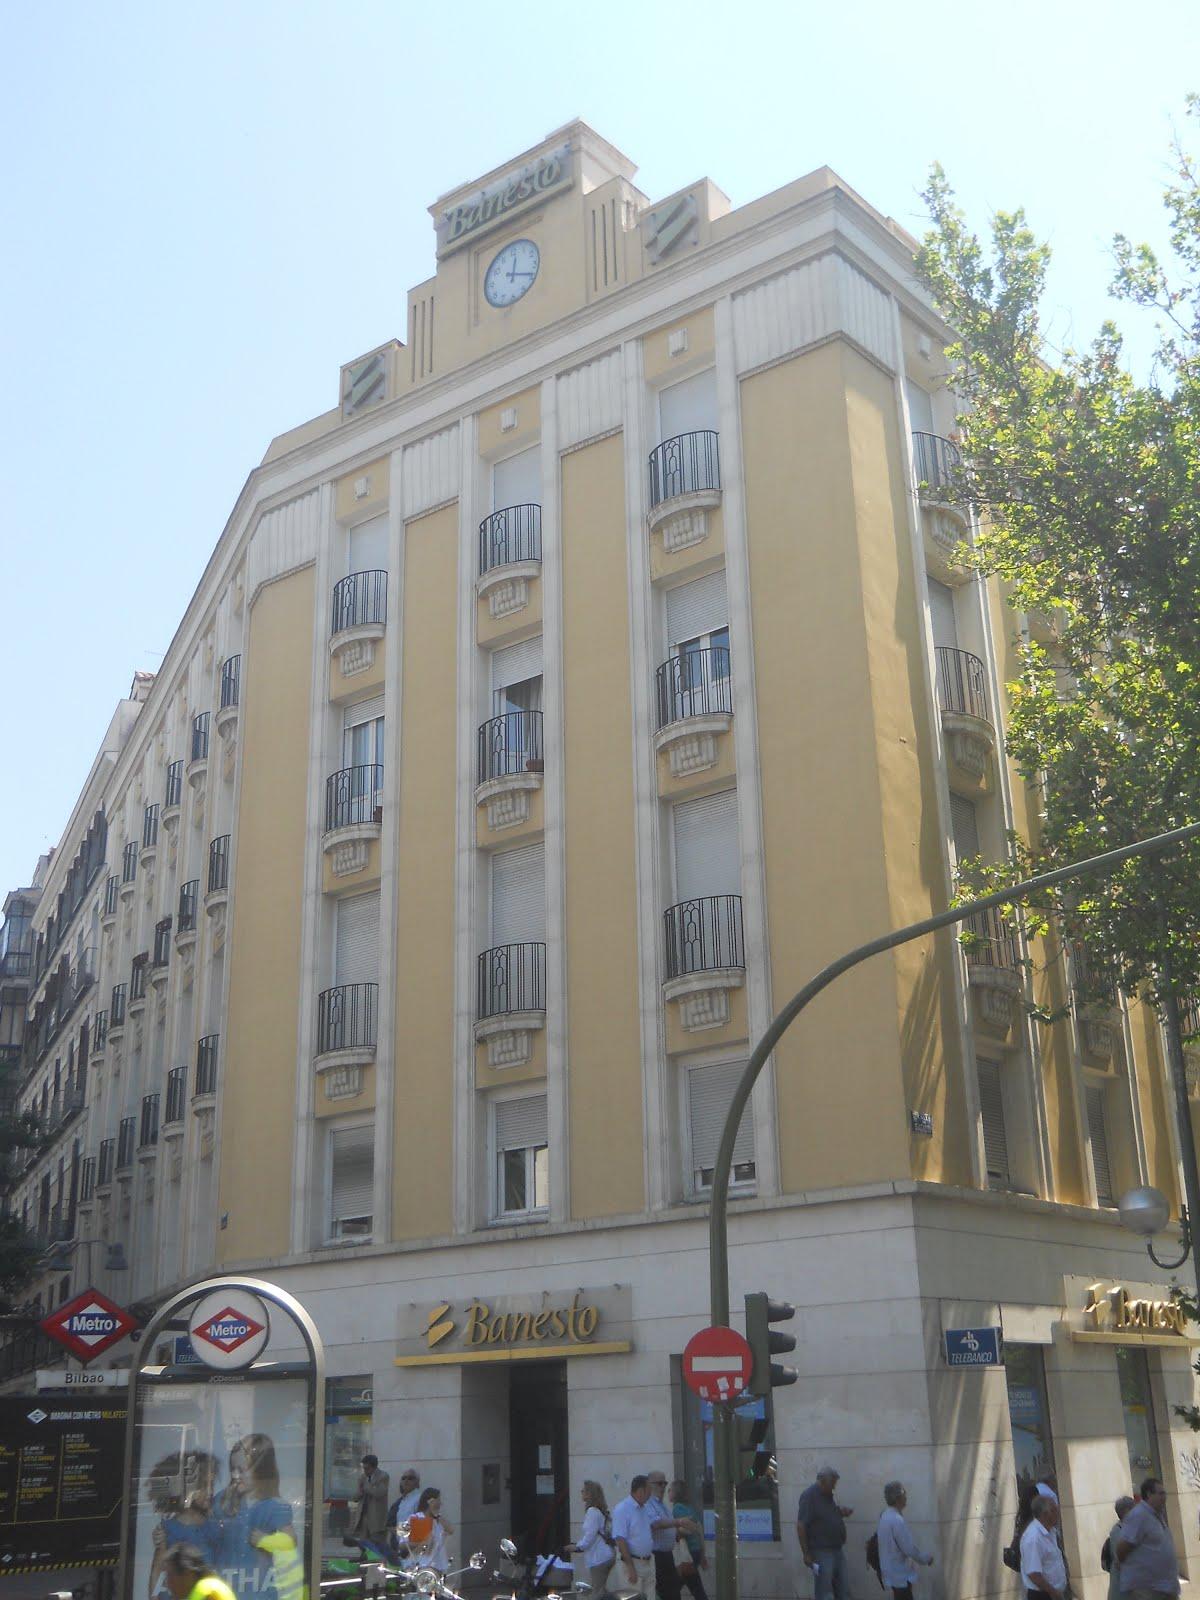 Madrid art dec oficina de banesto for Banesto oficinas